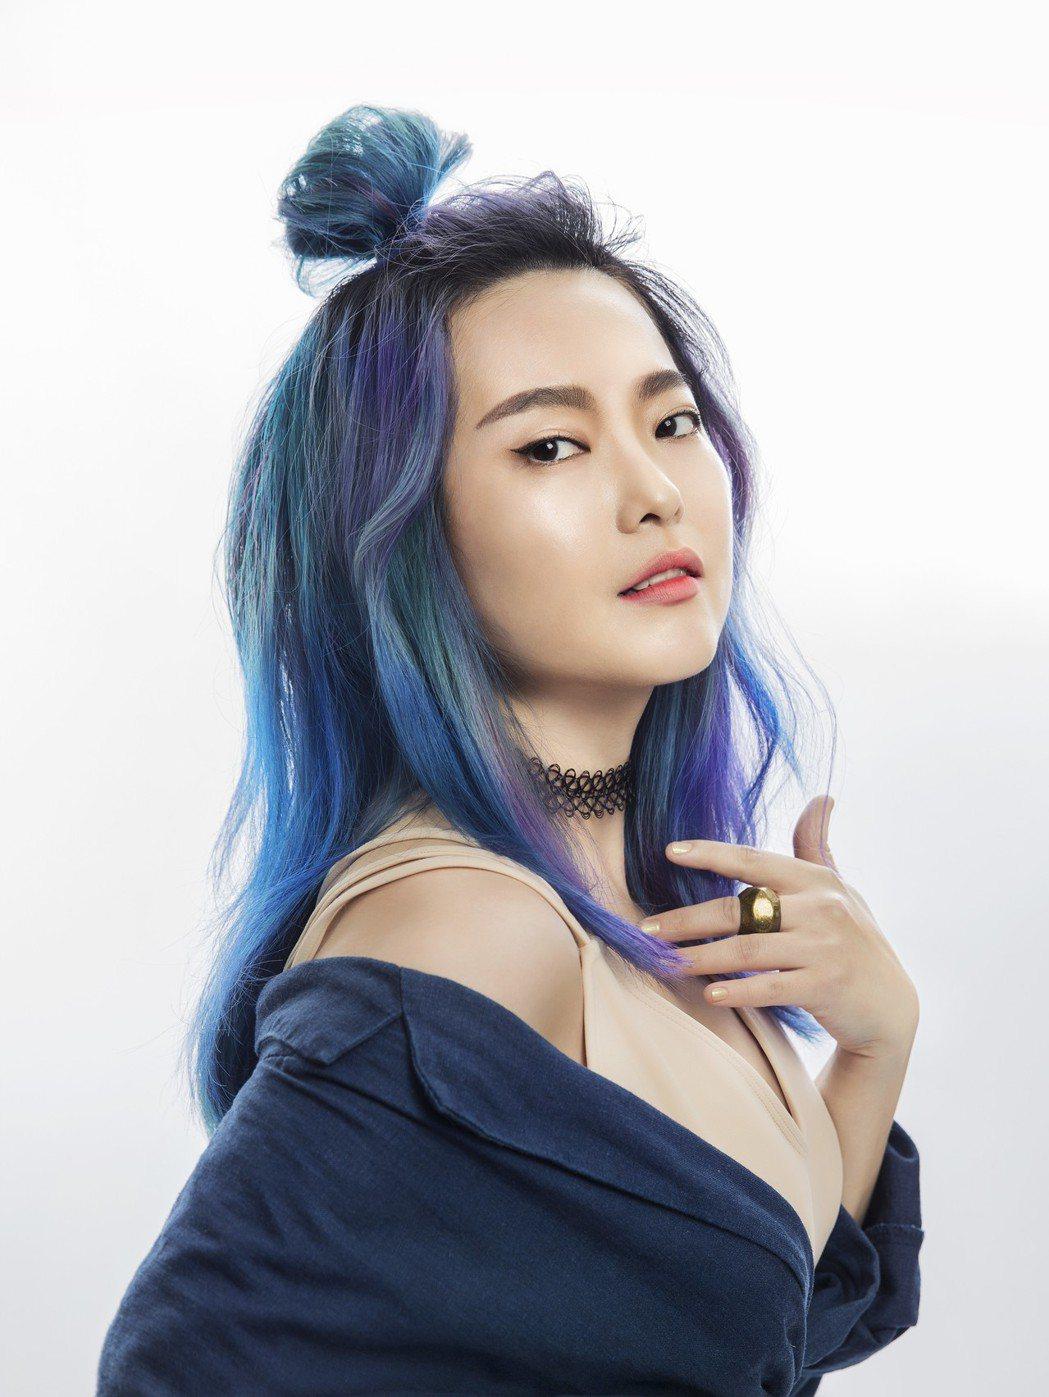 顏力妃幫張惠妹創作「母系社會」受好評,如今自己將推出新專輯。圖/豐華唱片提供